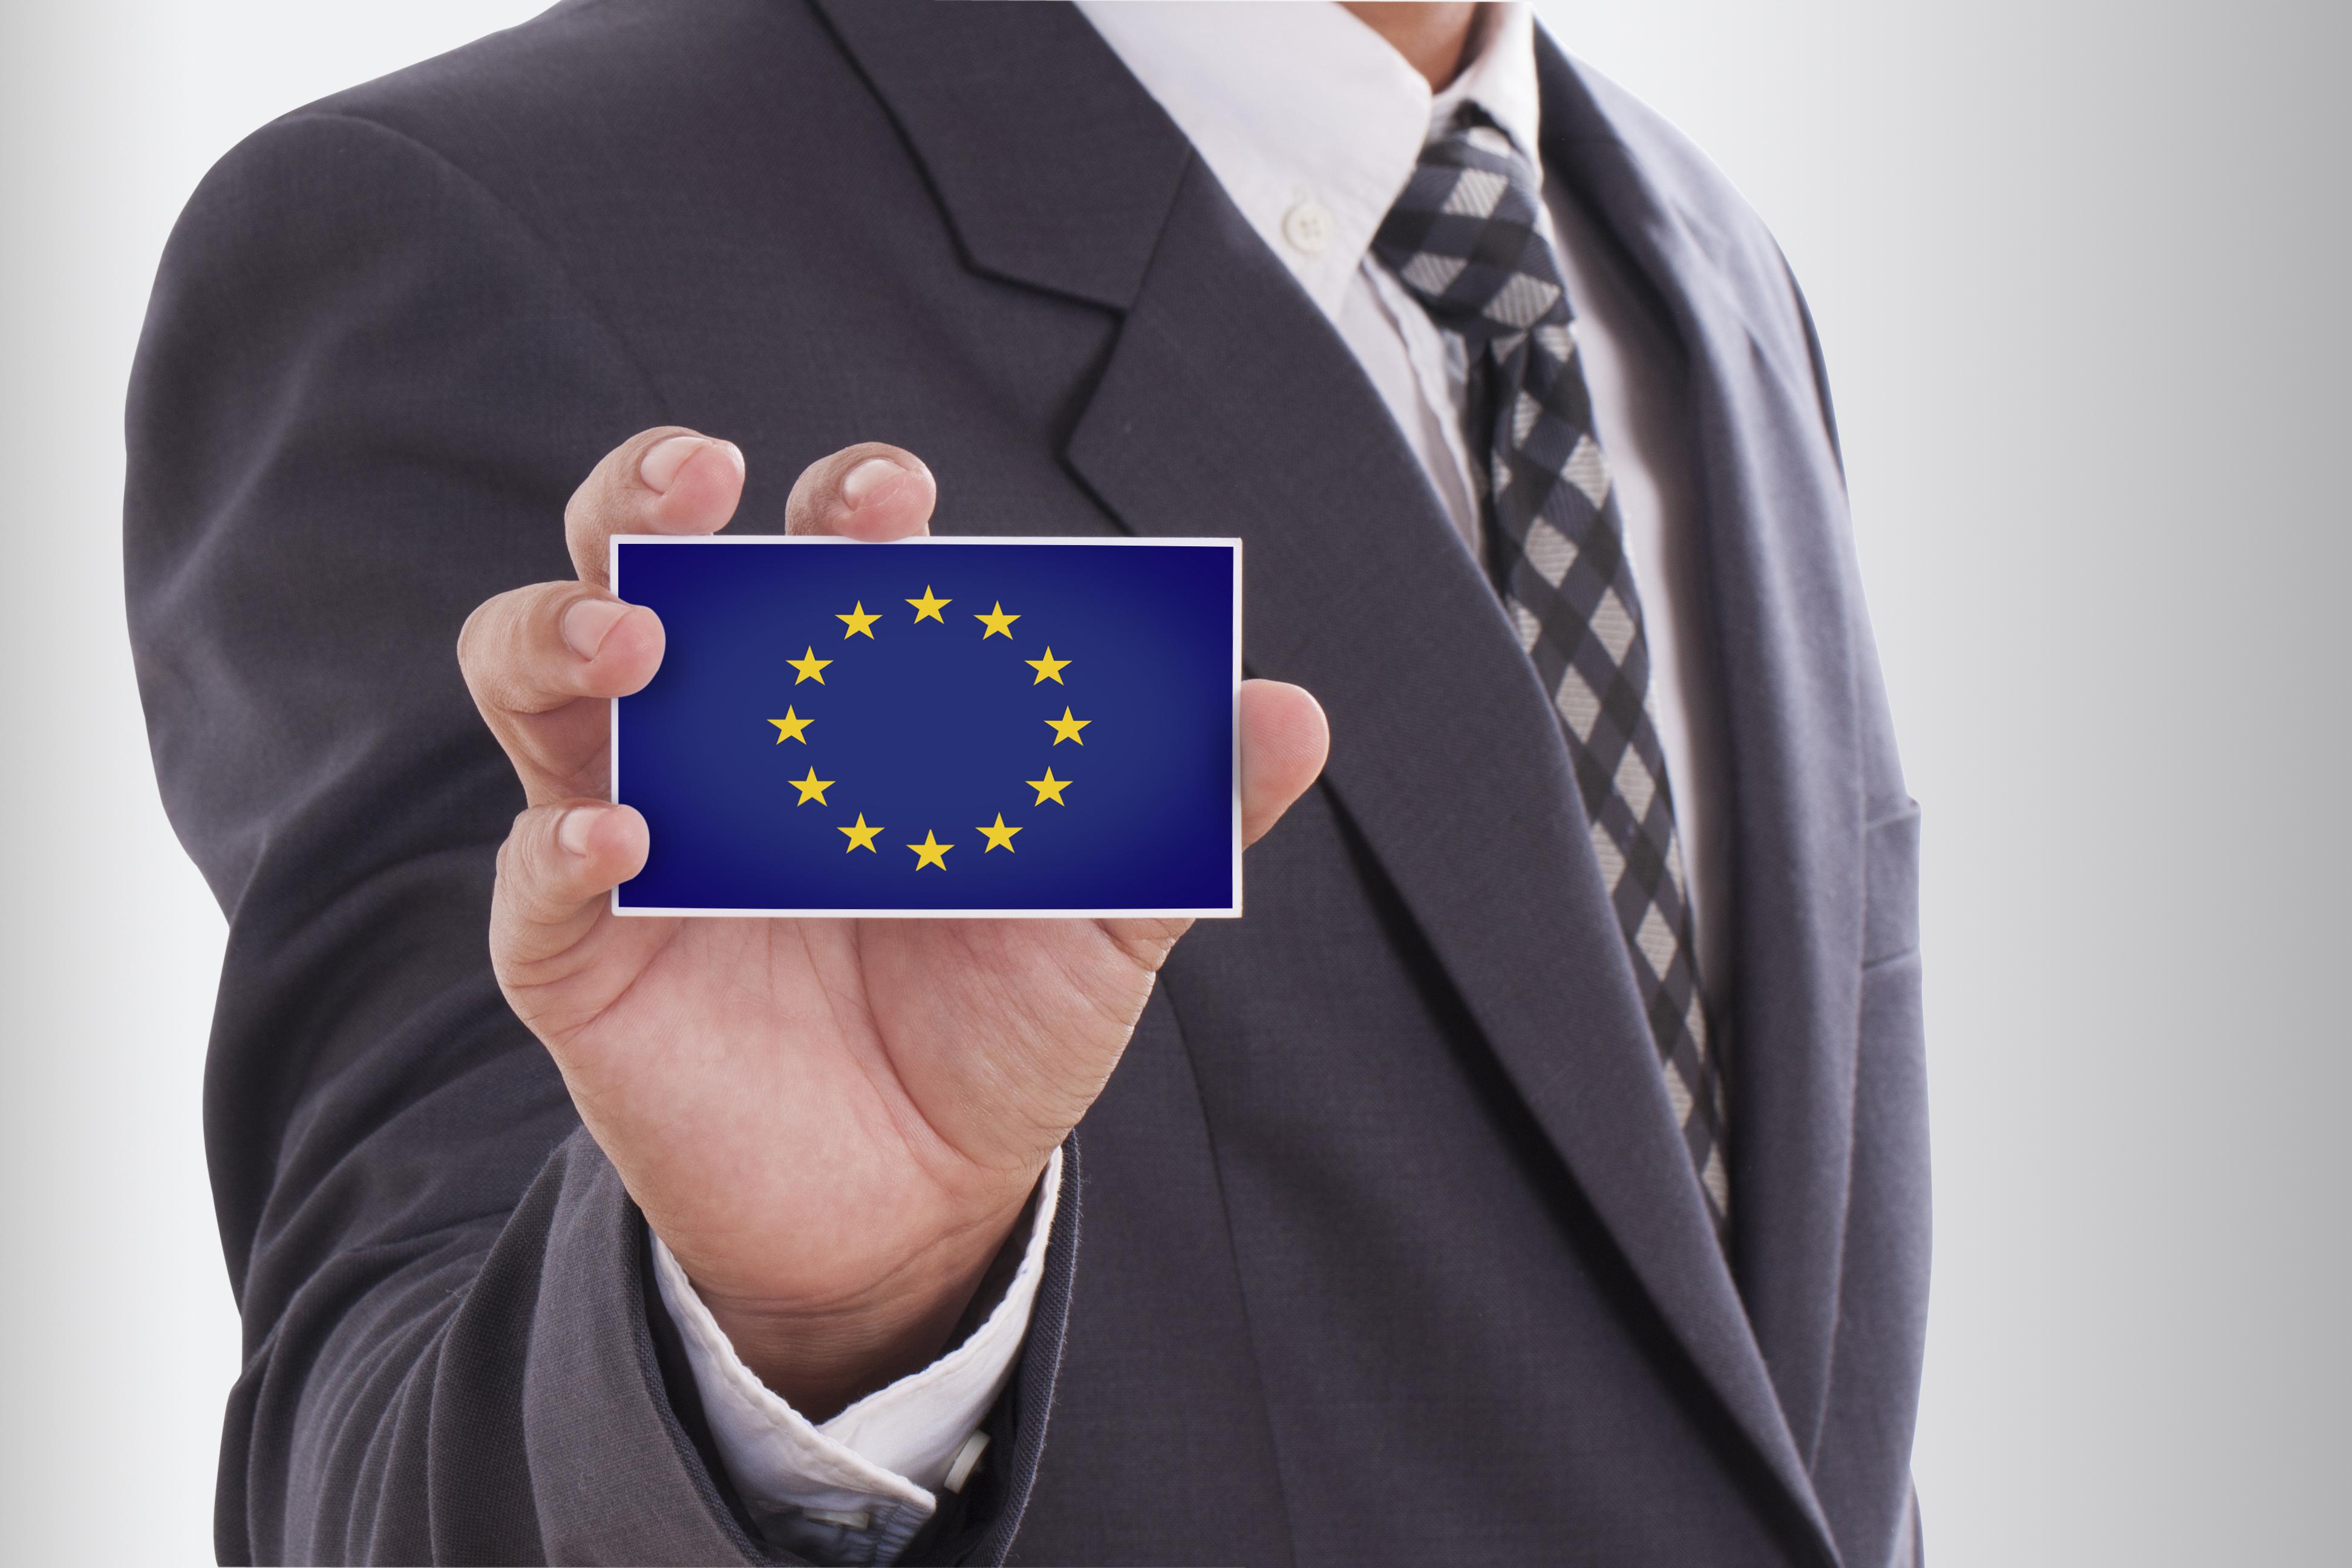 Мужчина с флагом ЕС, где иностранцы могут открыть бизнес